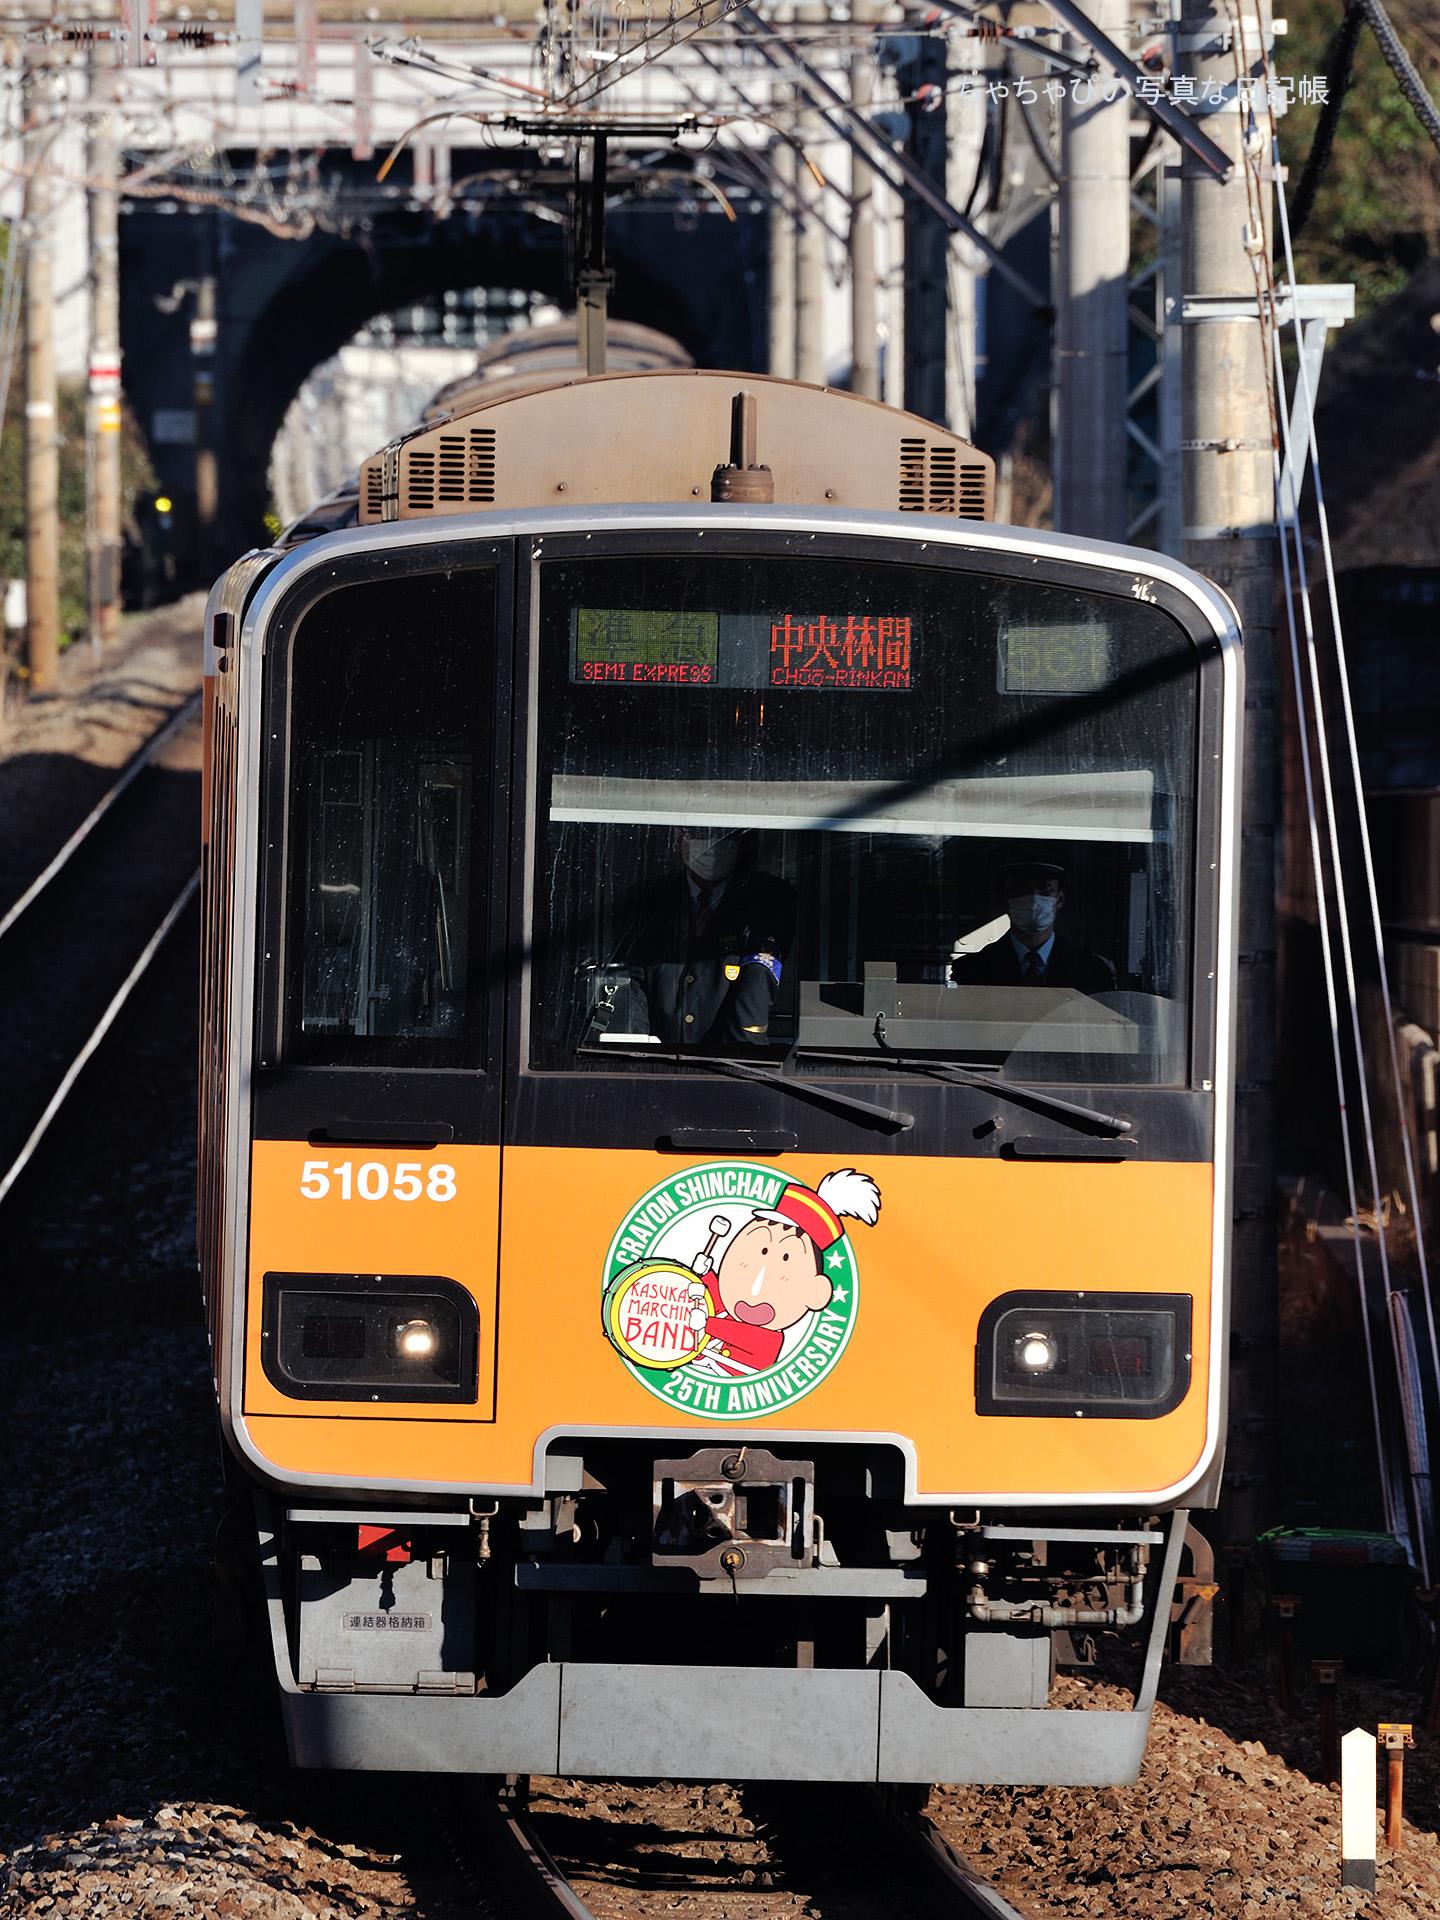 東急田園都市線 たまプラーザ駅 50050系 -56ゥ 51058編成-